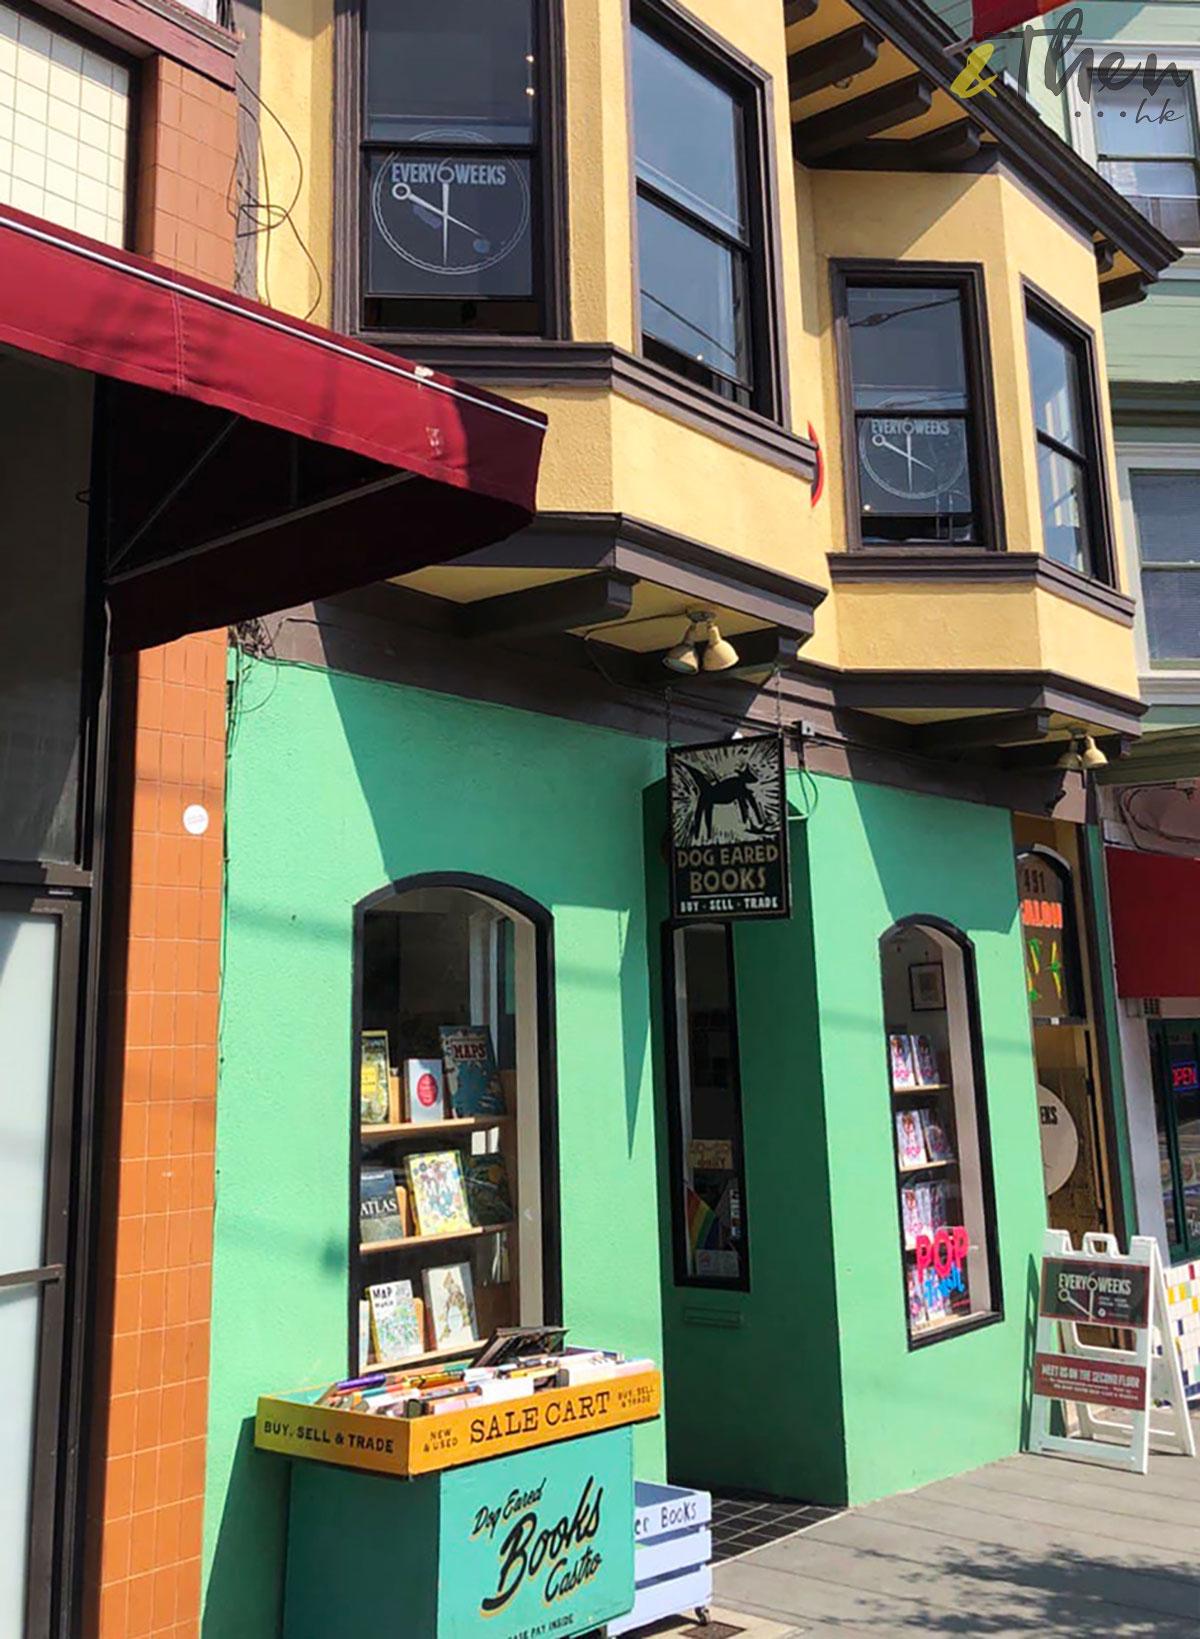 書店有時 周家盈 書店 獨立書店 閱讀 三藩市 Dog Eared Books 性小眾主題書